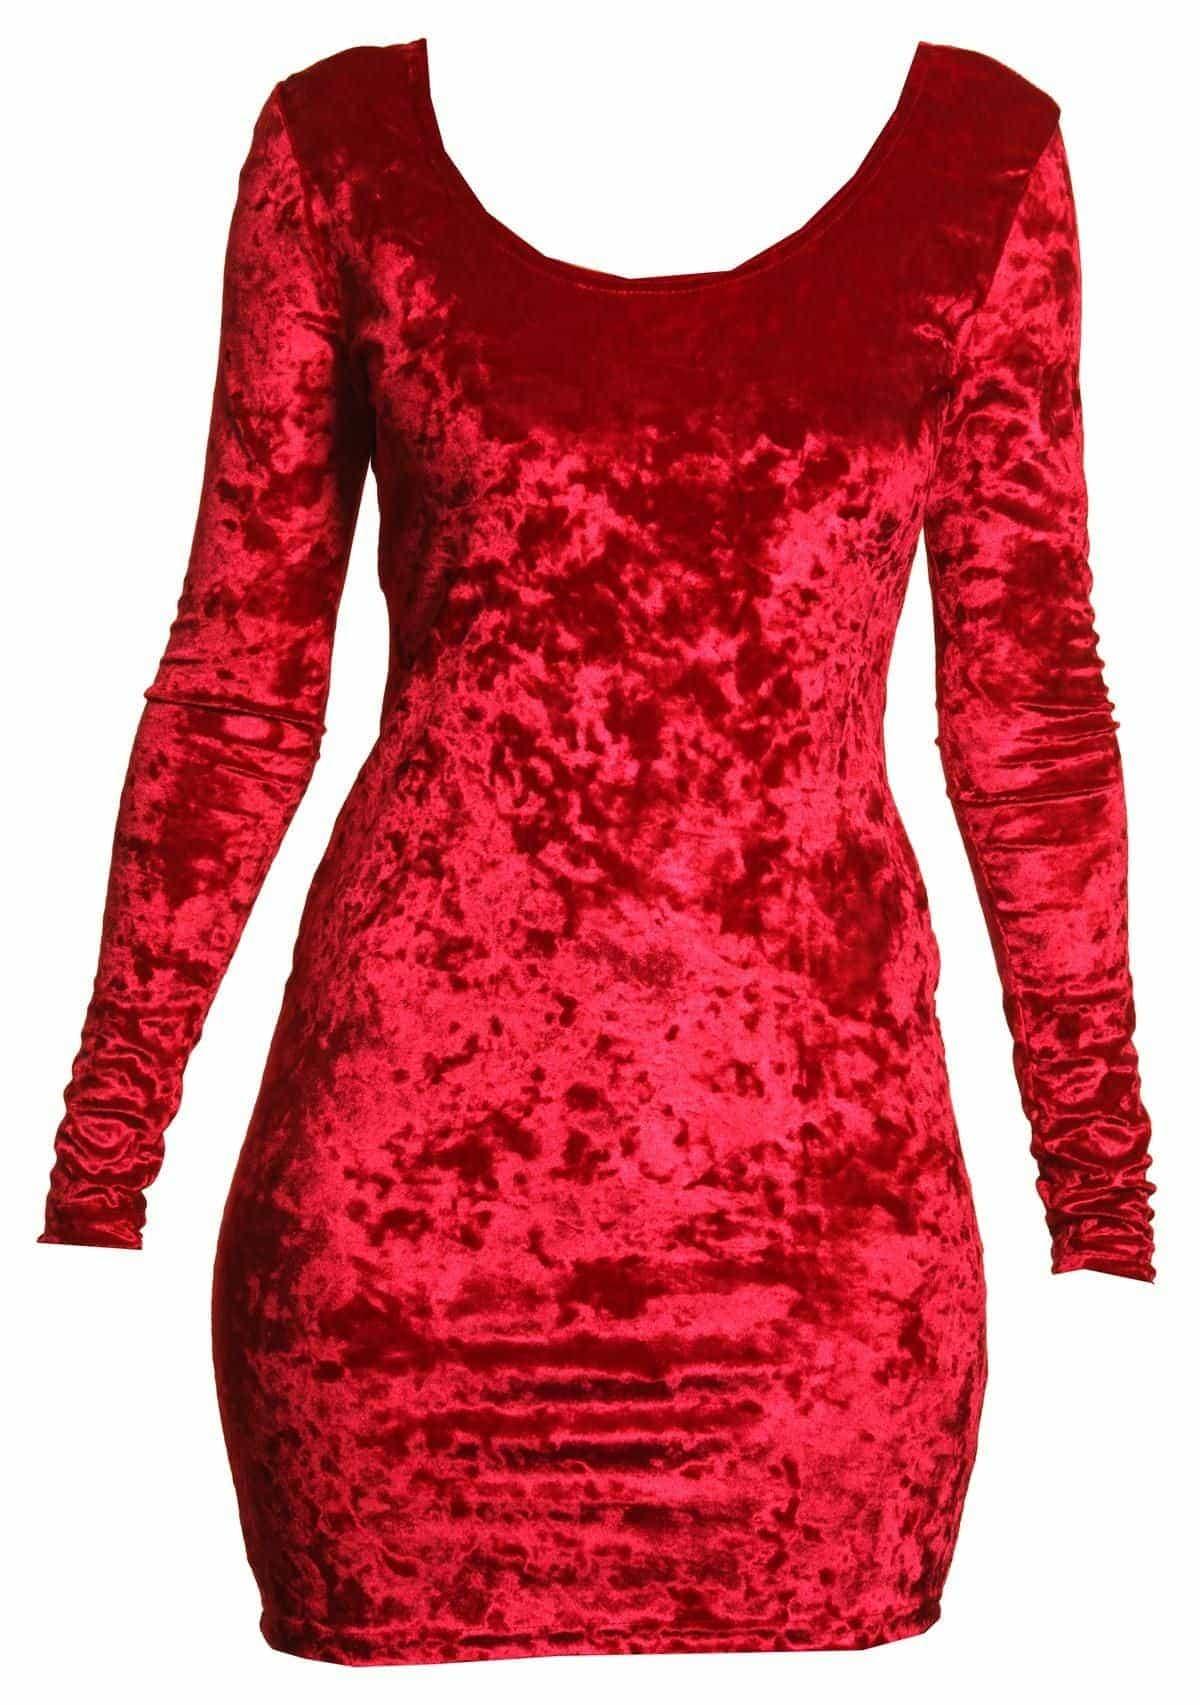 velvet dream meaning, dream about velvet, velvet dream interpretation, seeing in a dream velvet